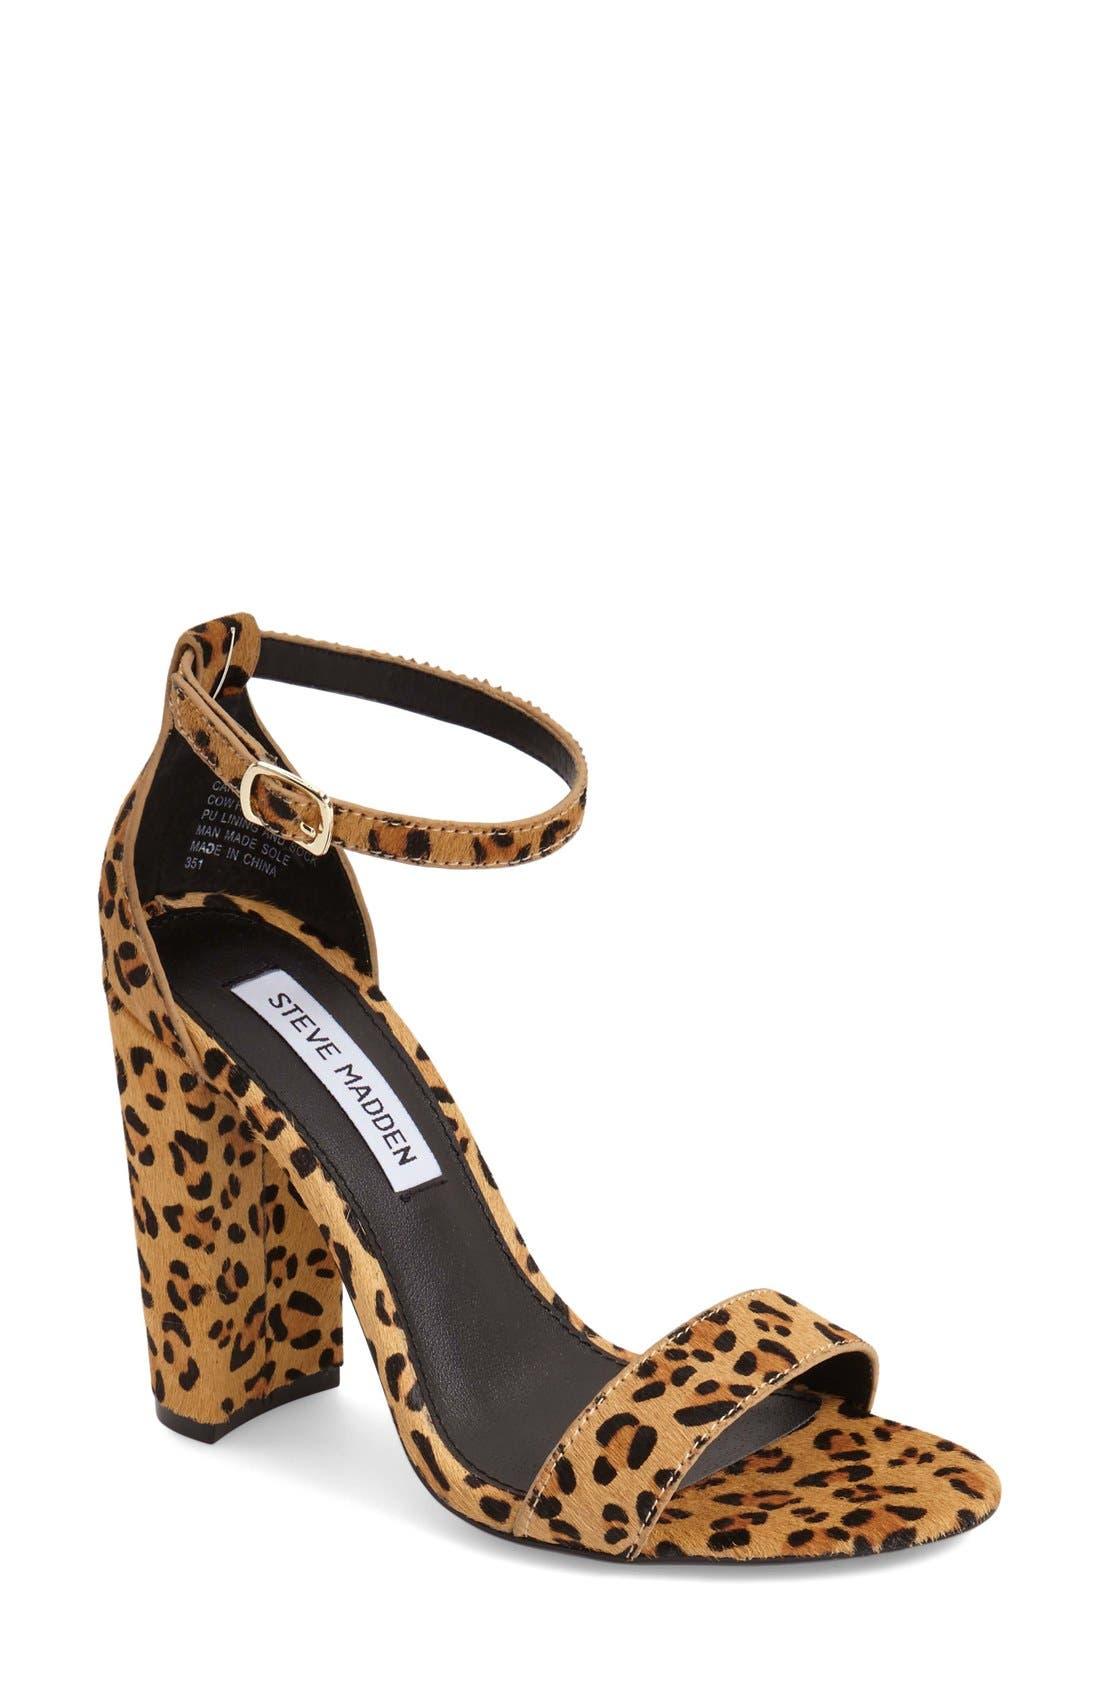 Alternate Image 1 Selected - Steve Madden 'Carrson' Sandal (Women)